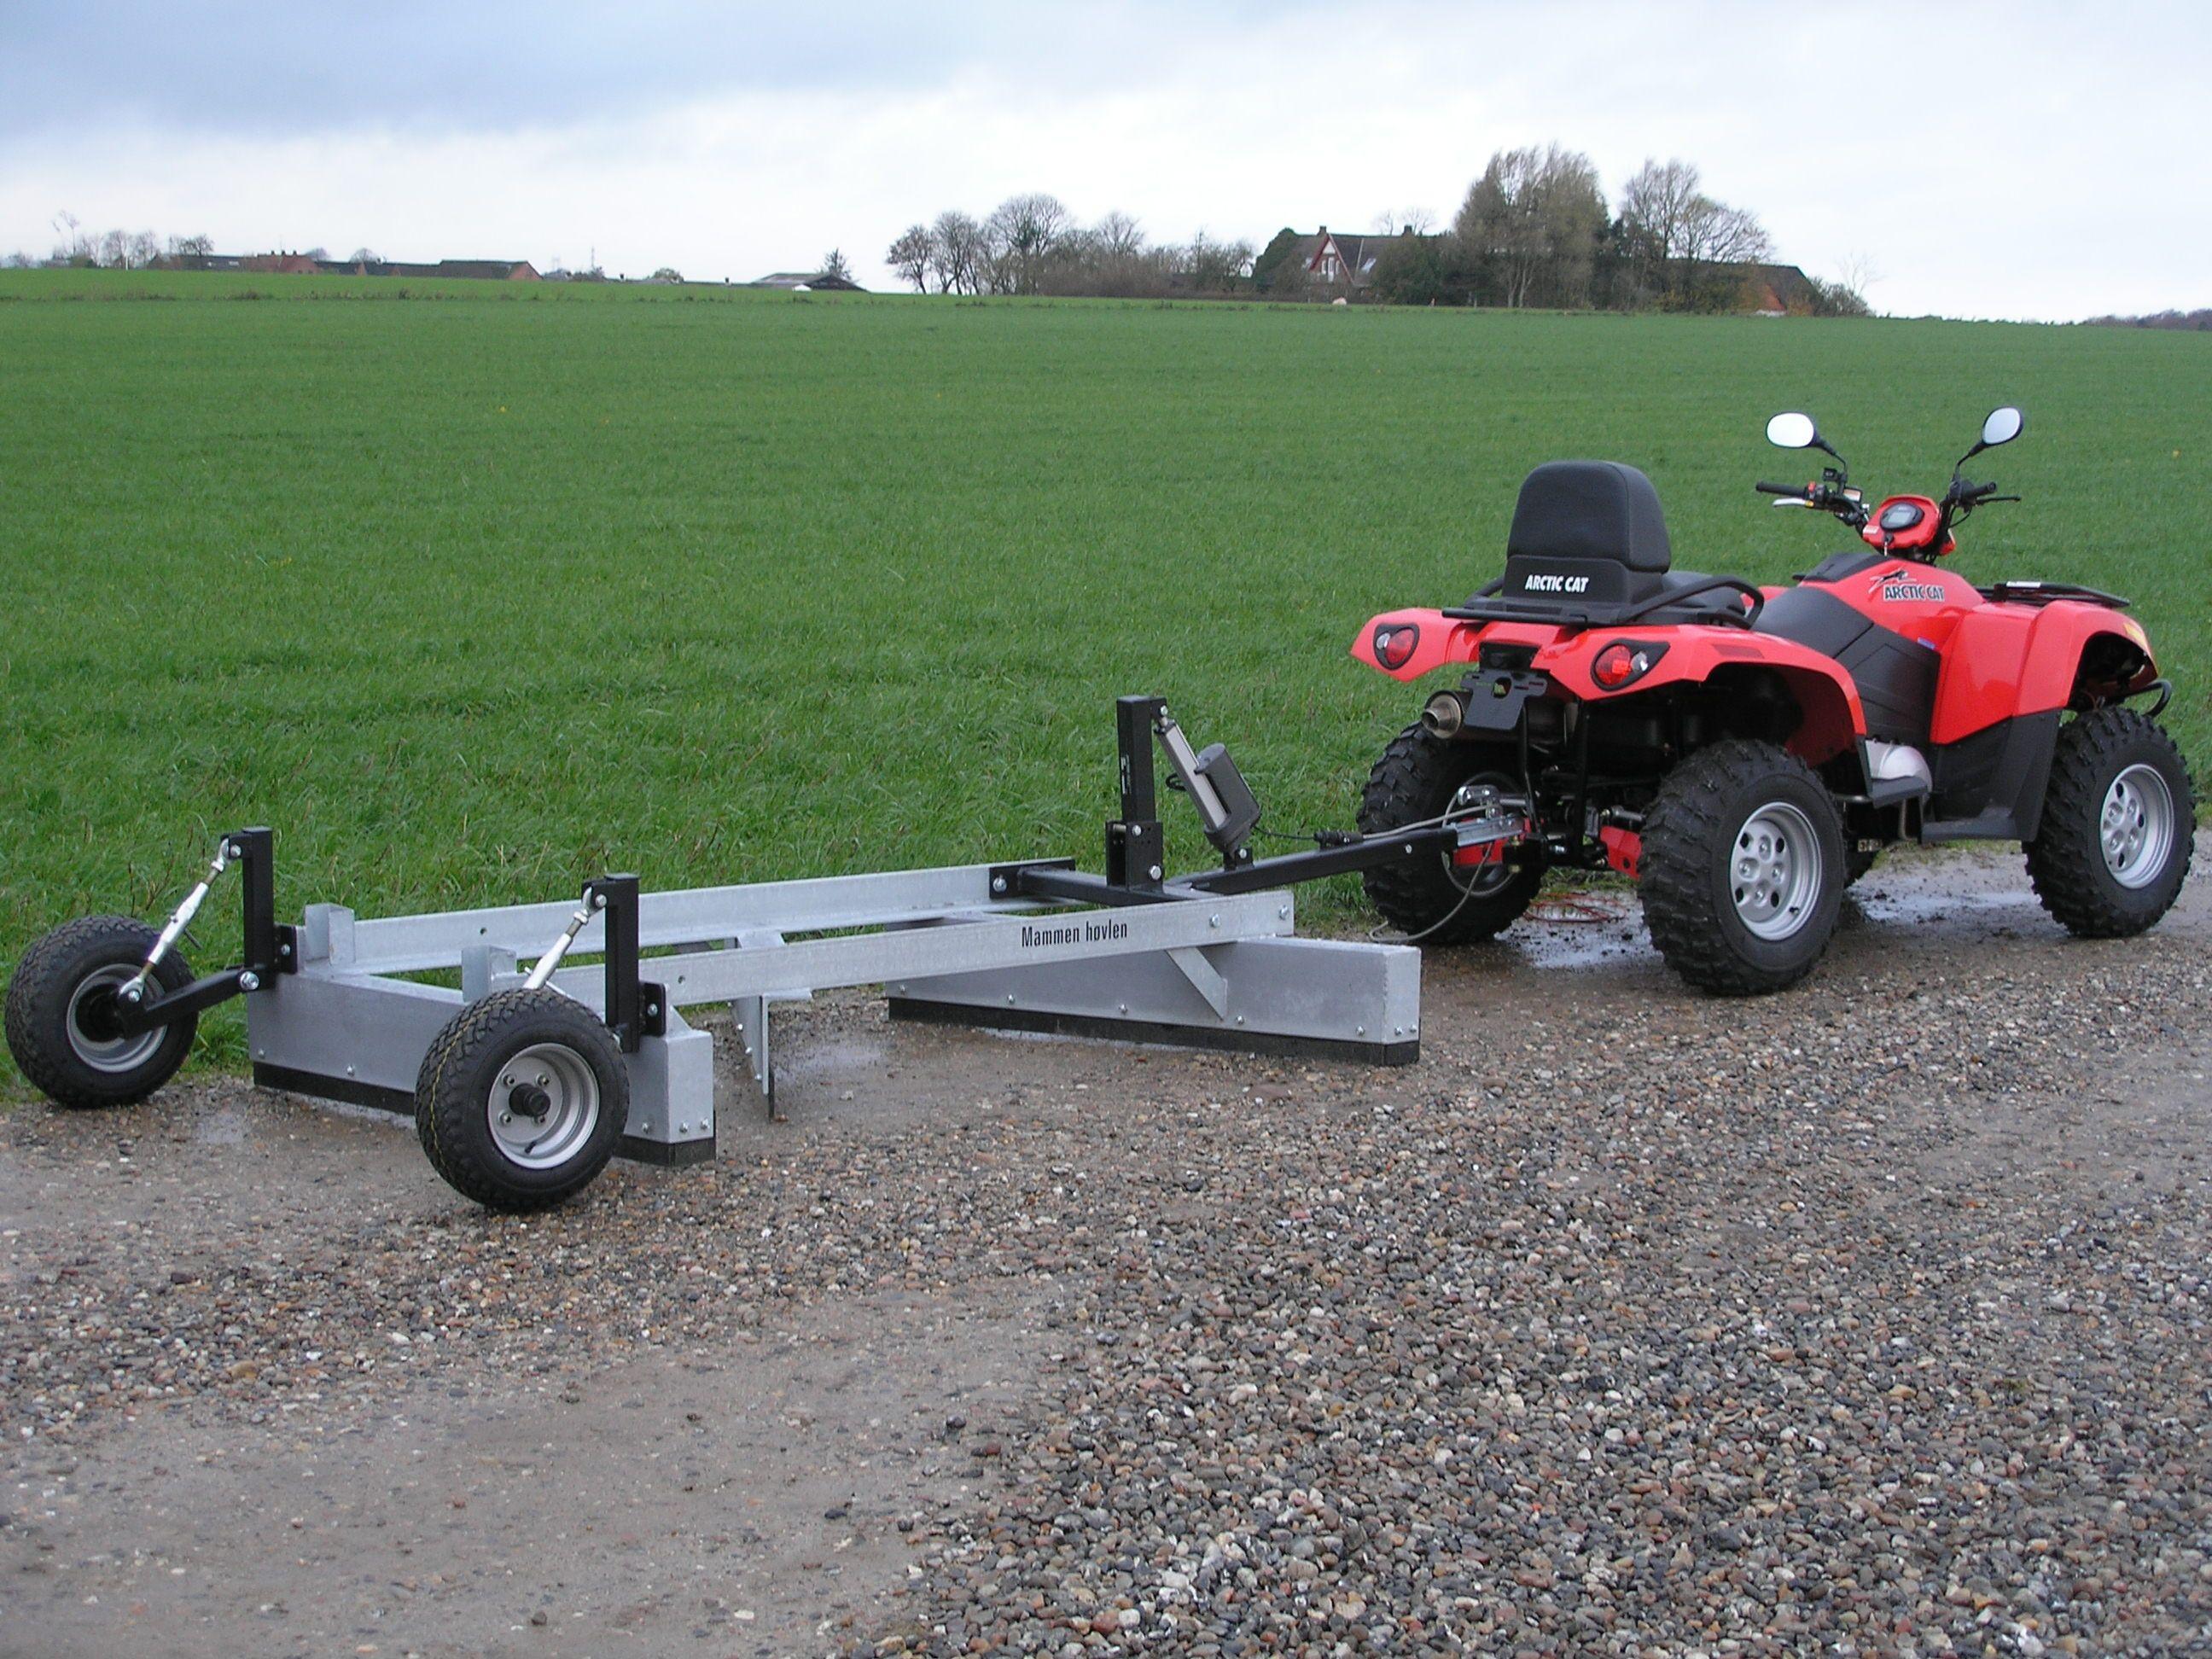 ATV Road Grader   Salg af nye MammenHøvle   handyman   Atv